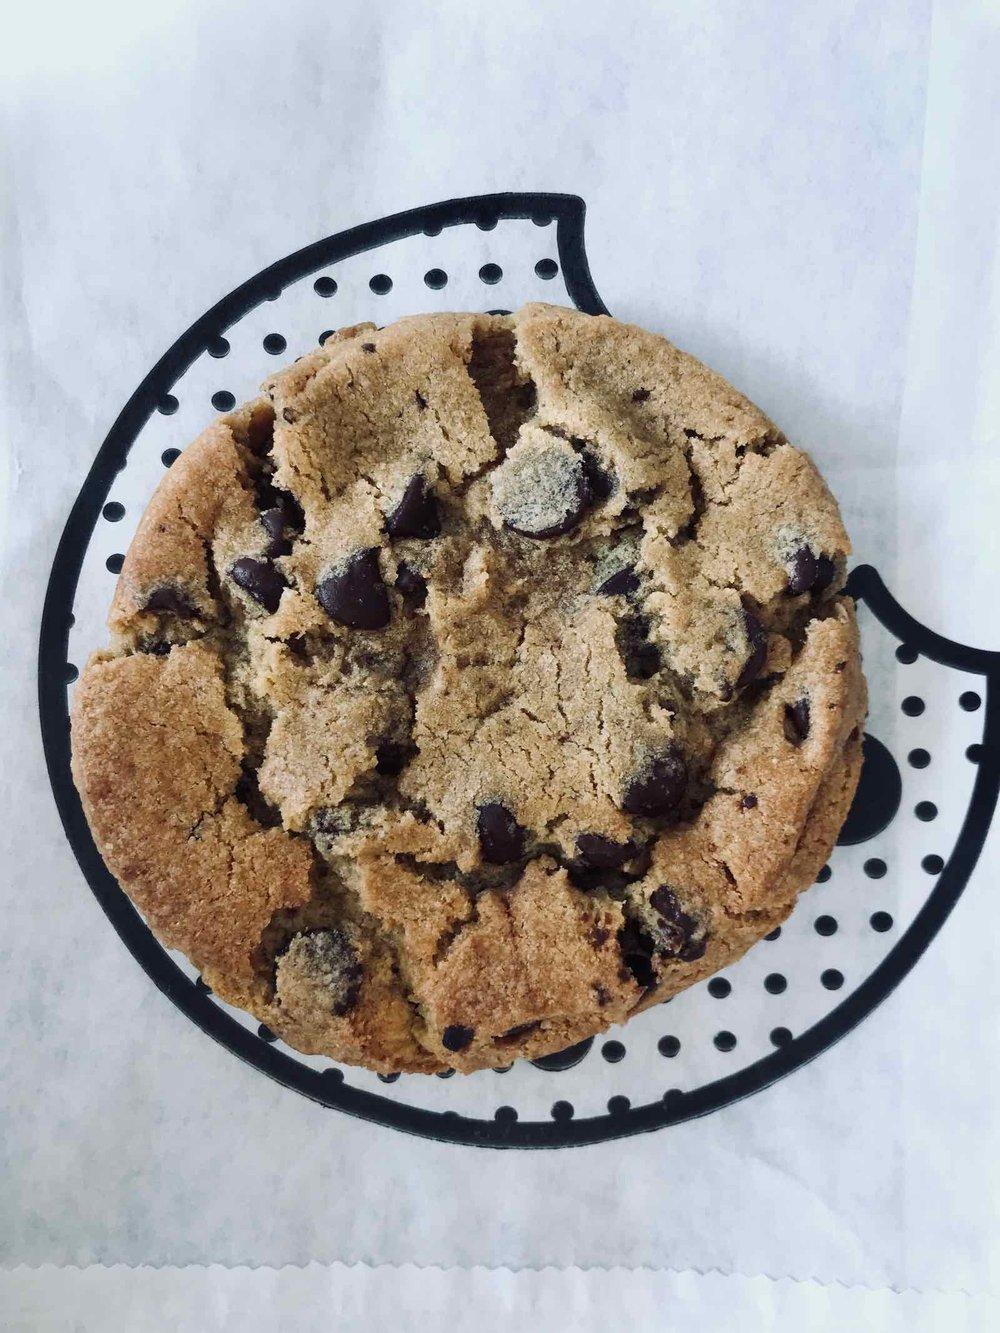 by-CHLOE-gluten-free-vegan-chocolate-chip-cookie.jpg